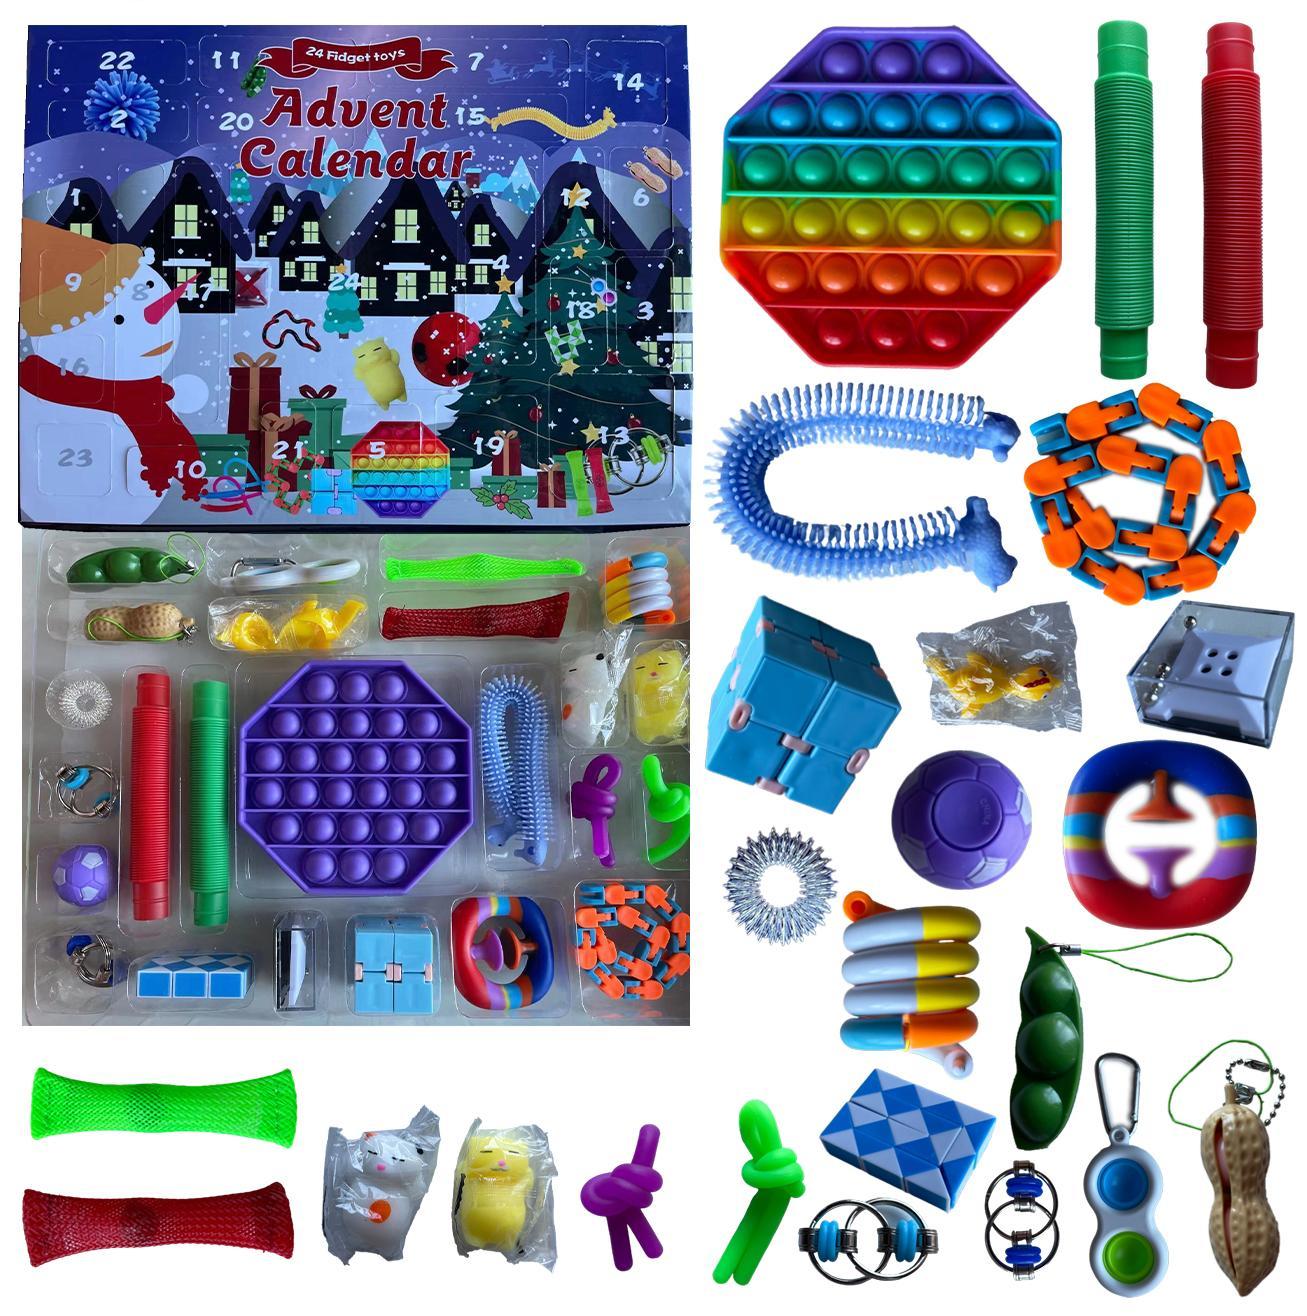 24 stücke Set Weihnachten Zappel Spielzeug Adventskalender Geschenke Einfache Deimpe Dekompression Spielzeug Push Bubbles Weihnachtsgeschenk Meers Schiff HW B9953